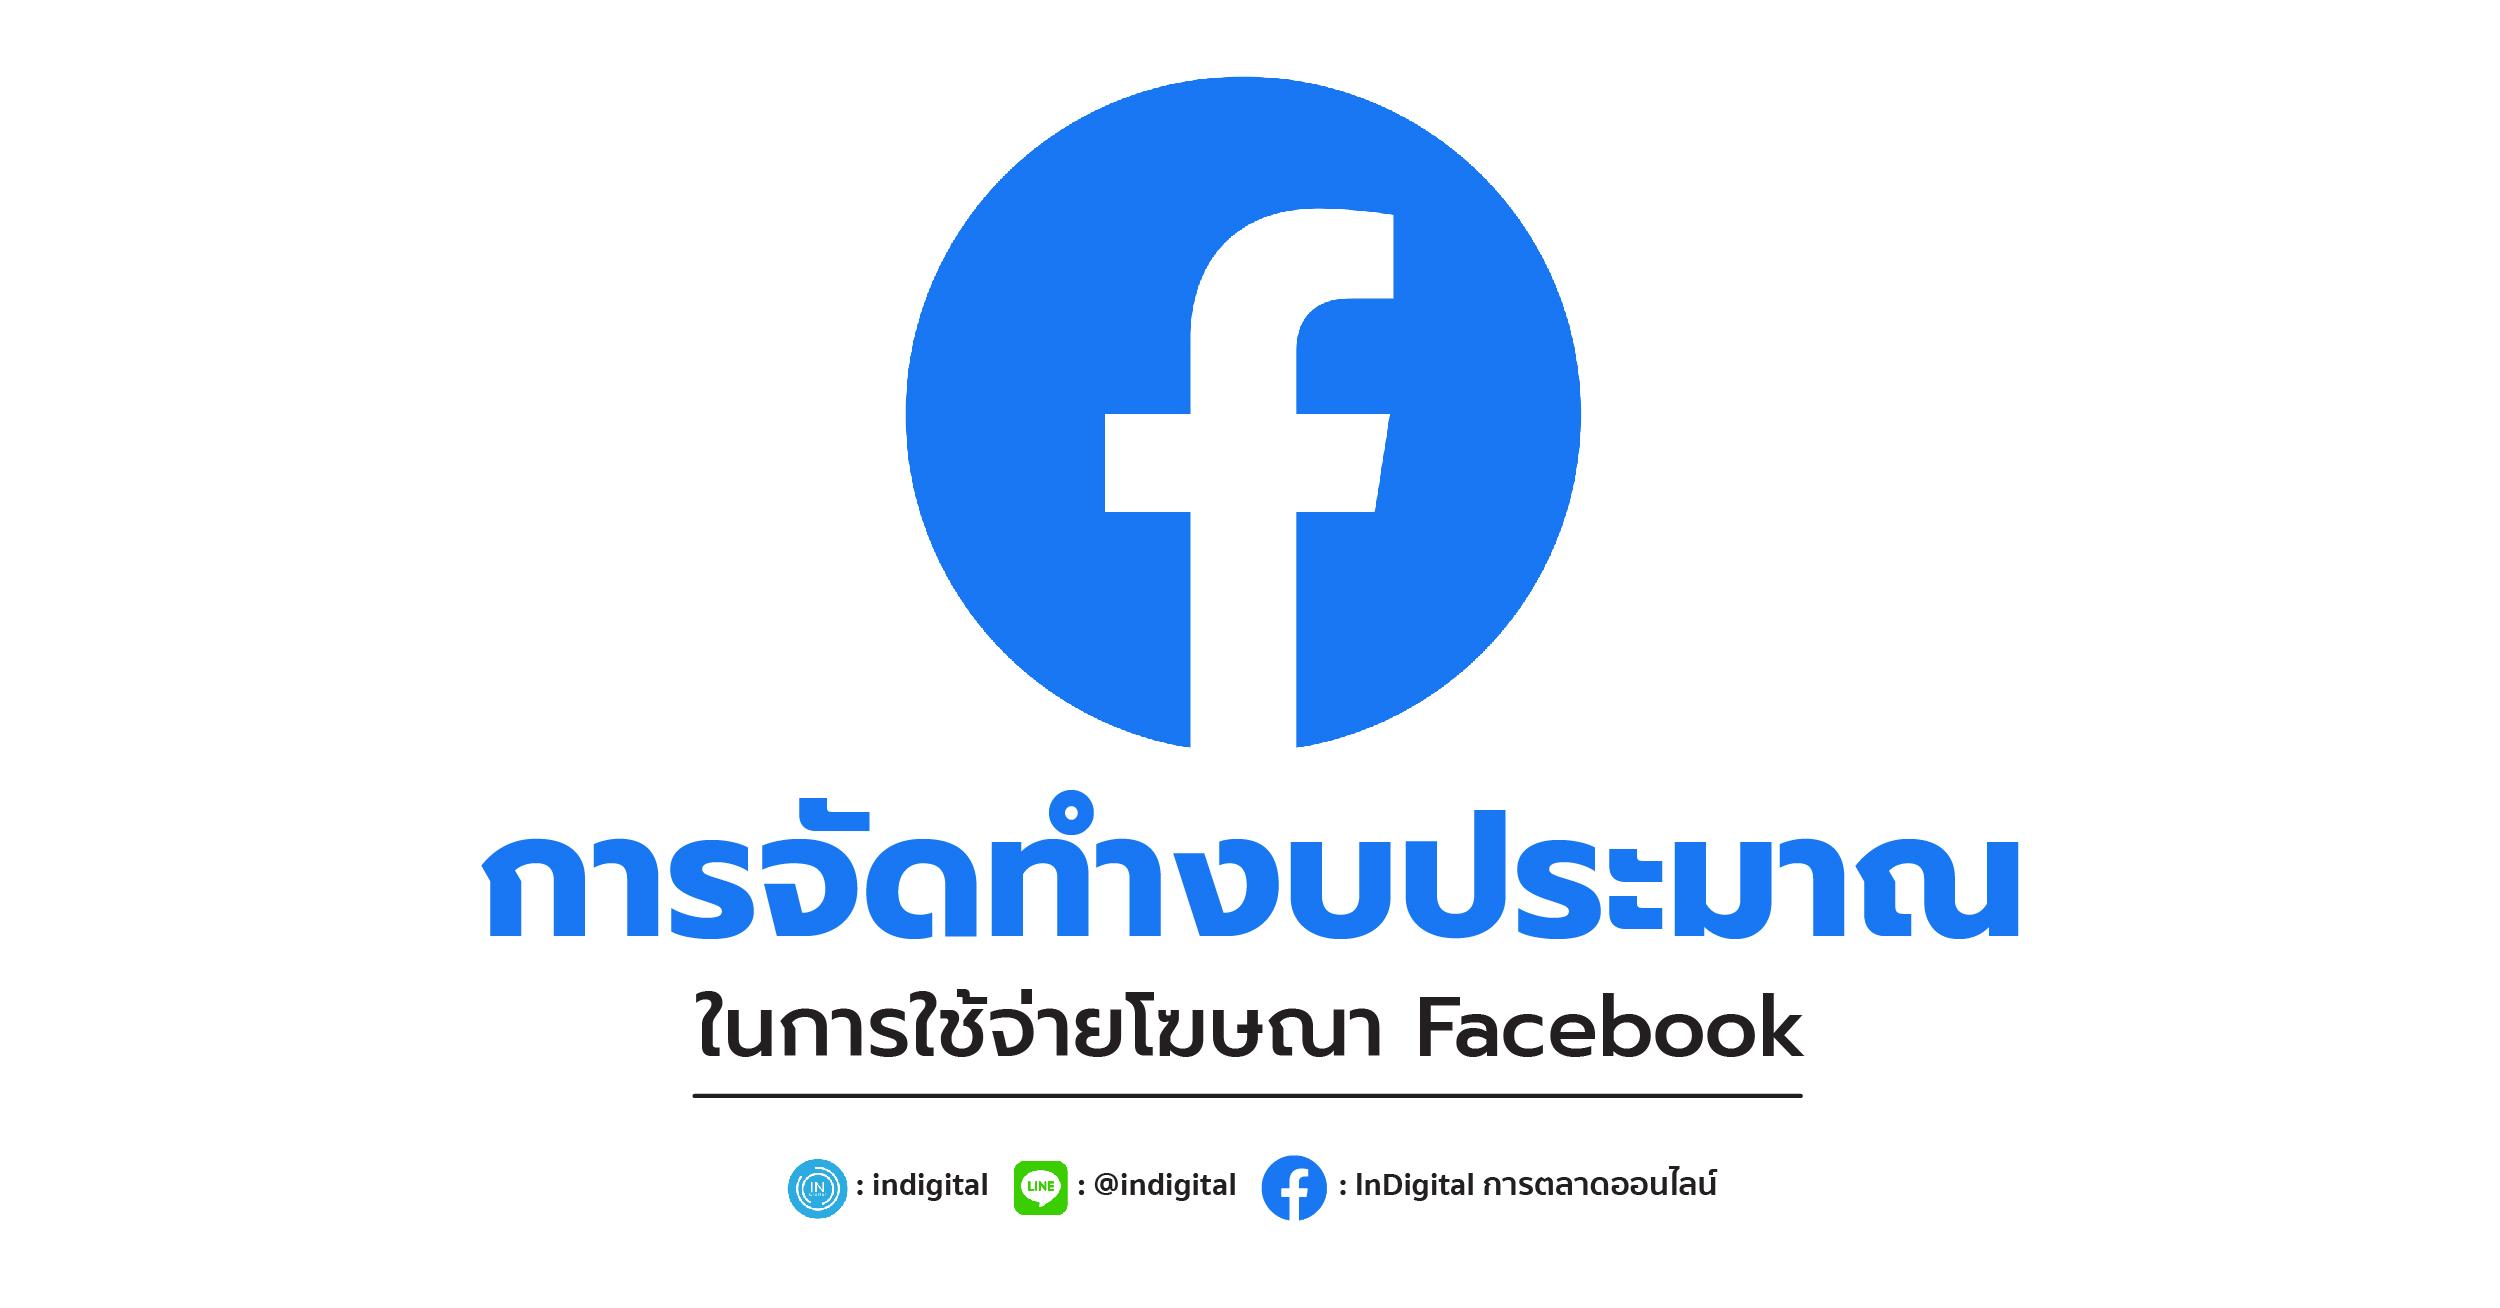 การจัดทำงบประมาณในการใช้จ่ายโฆษณา Facebook